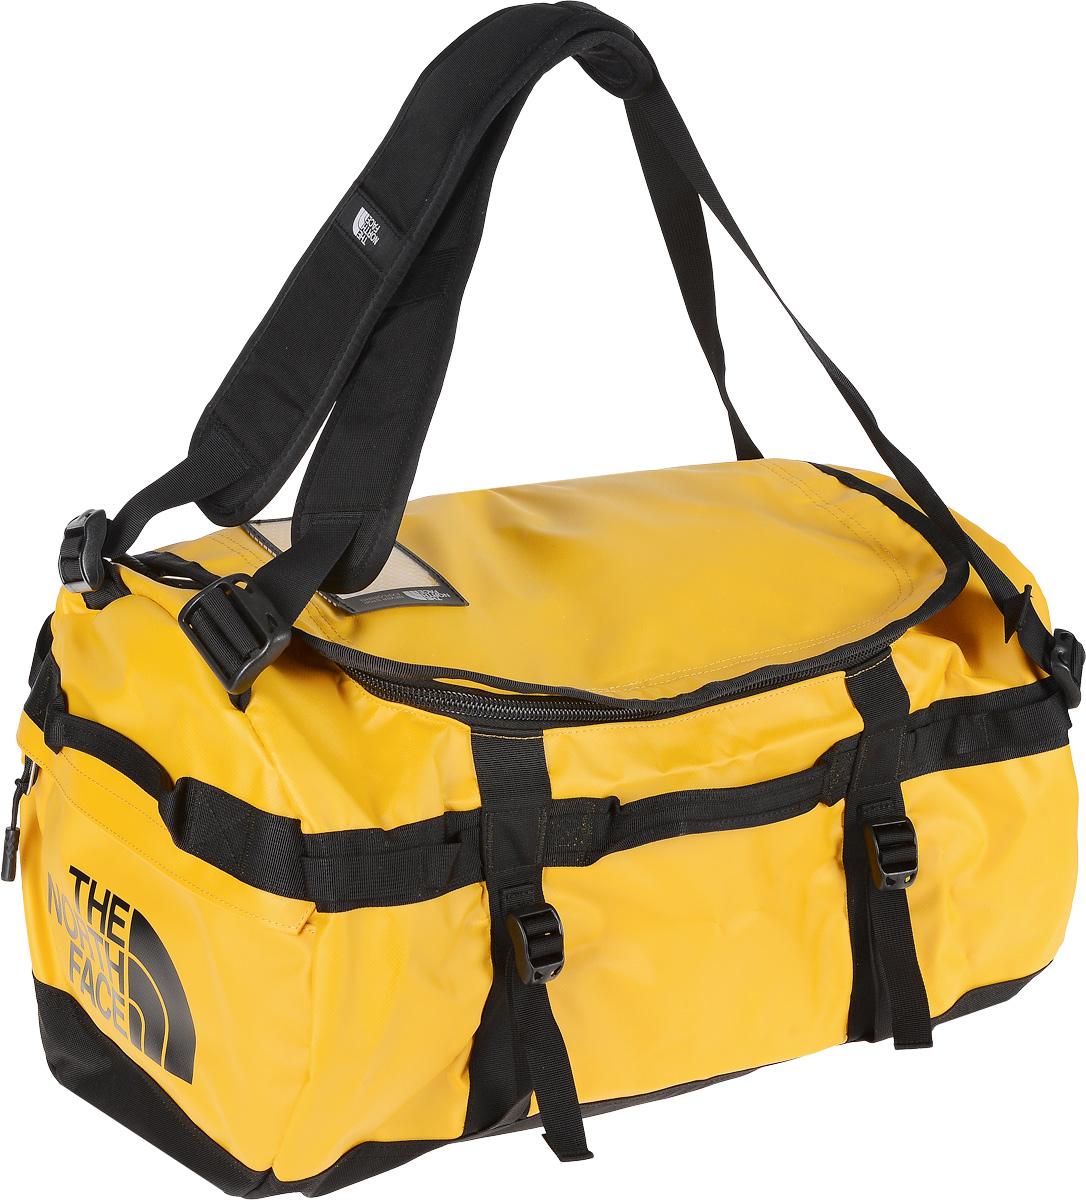 Сумка-рюкзак The North Face, цвет: желтый, 50 л. CWW3_ZU3T0CWW3ZU3Удобная экспедиционная сумка-рюкзак The North Face, вместительная модель, которая подойдет на любой жизненный случай. Изготовлена модель из сочетания водонепроницаемого баллистического нейлона и полиэстера с TPE ламинированием. Модель имеет улучшенные эргономичные плечевые лямки, новые боковые ручки, которые позволяют с удобством переносить или тащить тяжелые грузы. Основное отделение сумки застегивается на U-образную молнию с защитой от влаги. Также изделие оснащено дополнительным боковым карманом на молнии для телефона или необходимых в пути документов. Верхняя крышка сумки дополнена небольшим отделением для бейджа с персональными данными, а с внутренней стороны имеет карман на молнии из сетчатой ткани. Оформлена модель износостойким принтом с логотипом бренда.